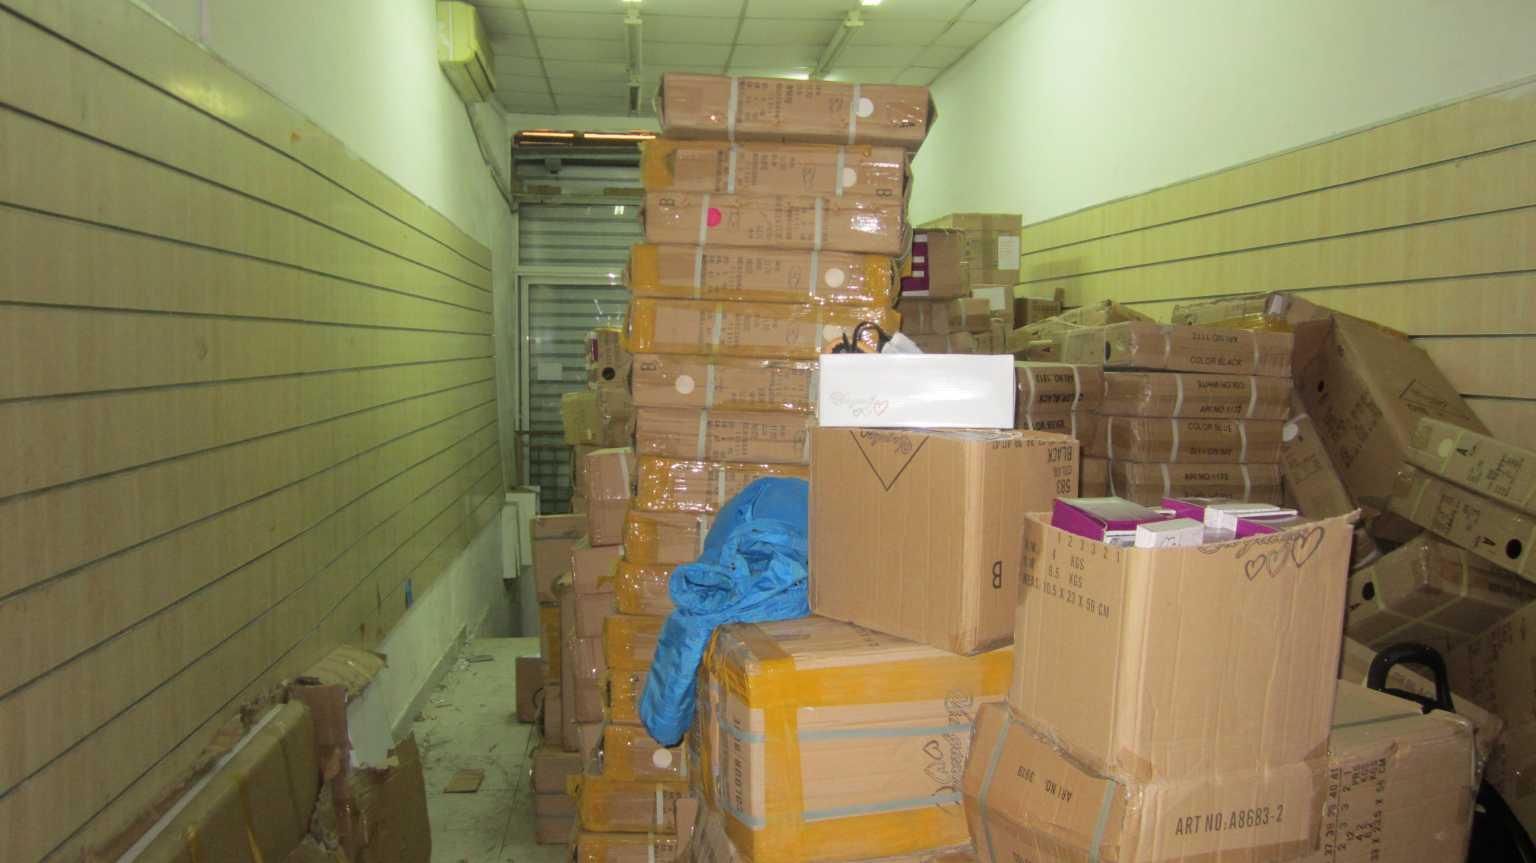 Παρεμπόριο: Πρόστιμα ύψους 41.900 ευρώ από τη ΔΙΜΕΑ